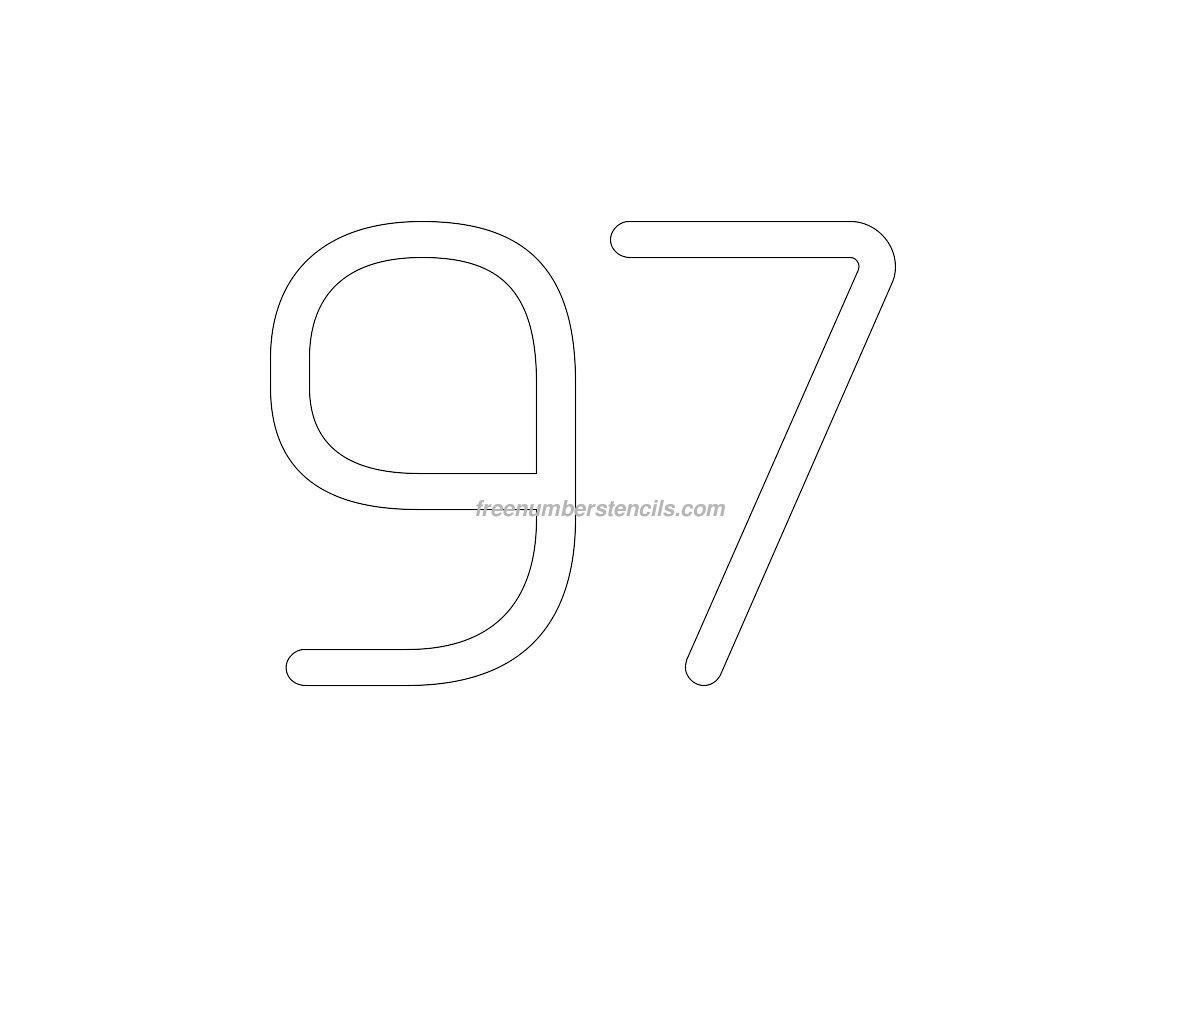 stencil-european-number-97